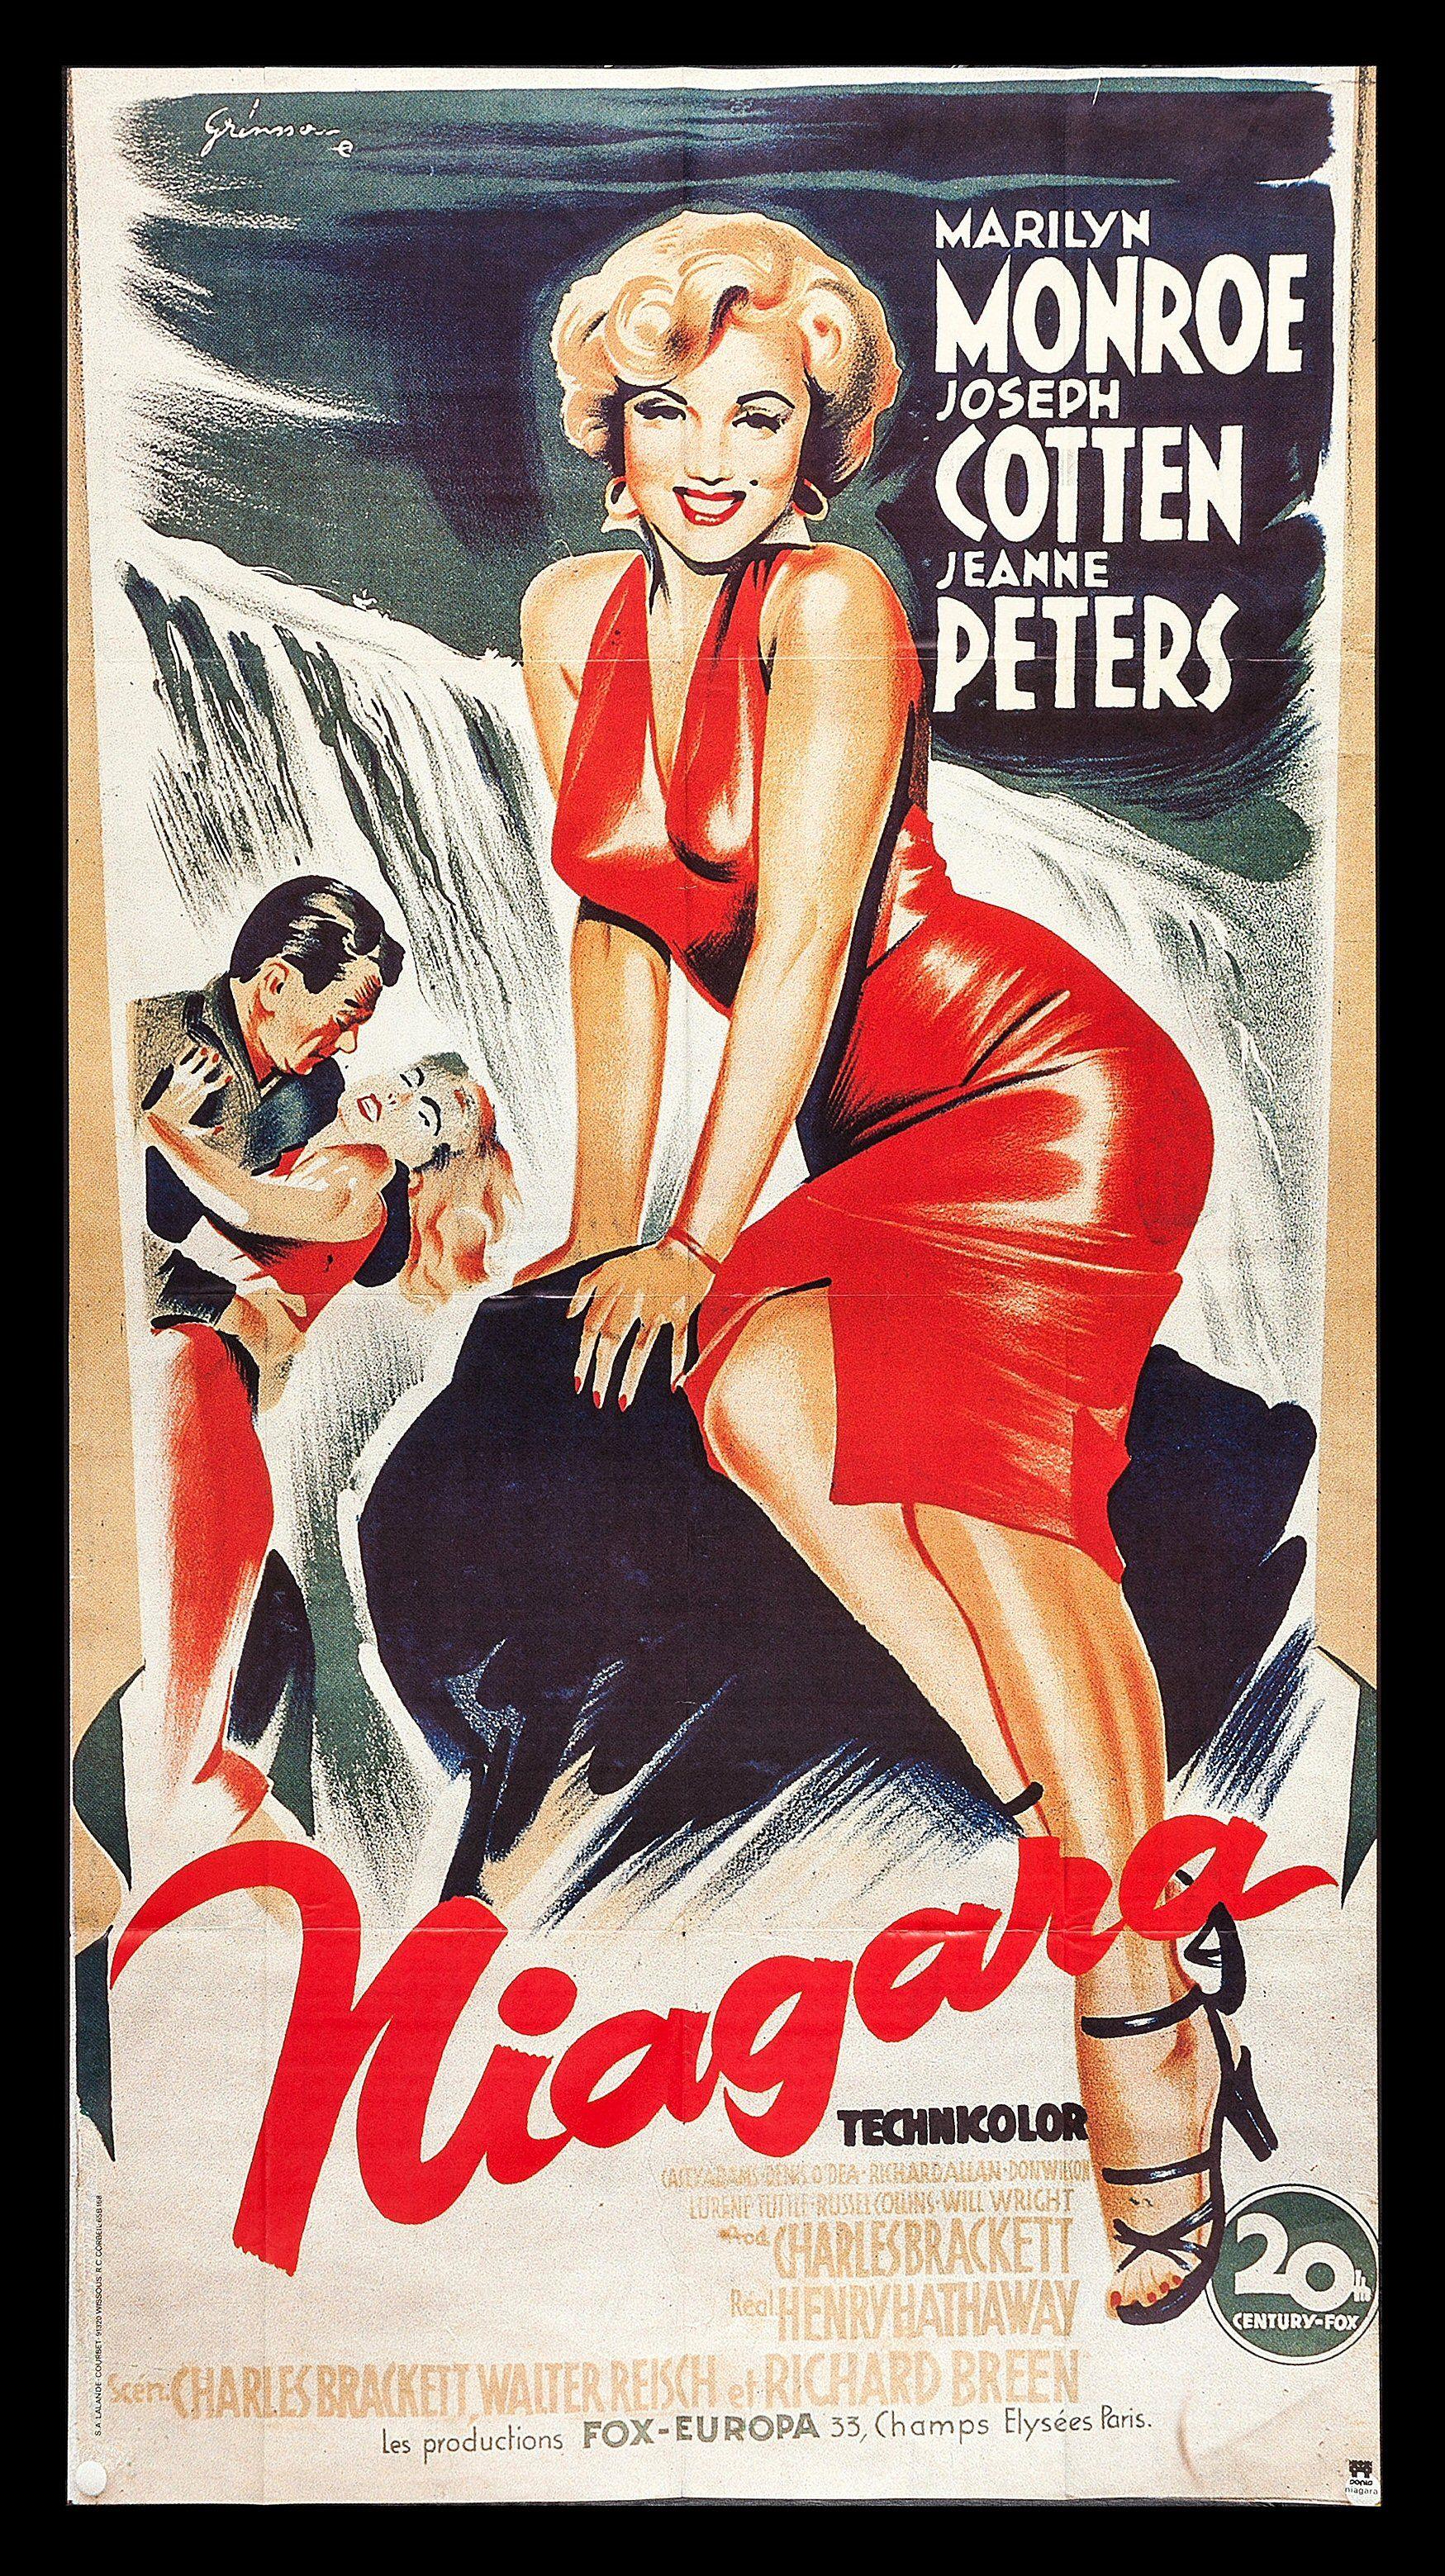 French Poster For The Marilyn Monroe Movie Niagara 1953 Carteles De Peliculas Famosas Carteles De Peliculas Carteleras De Cine